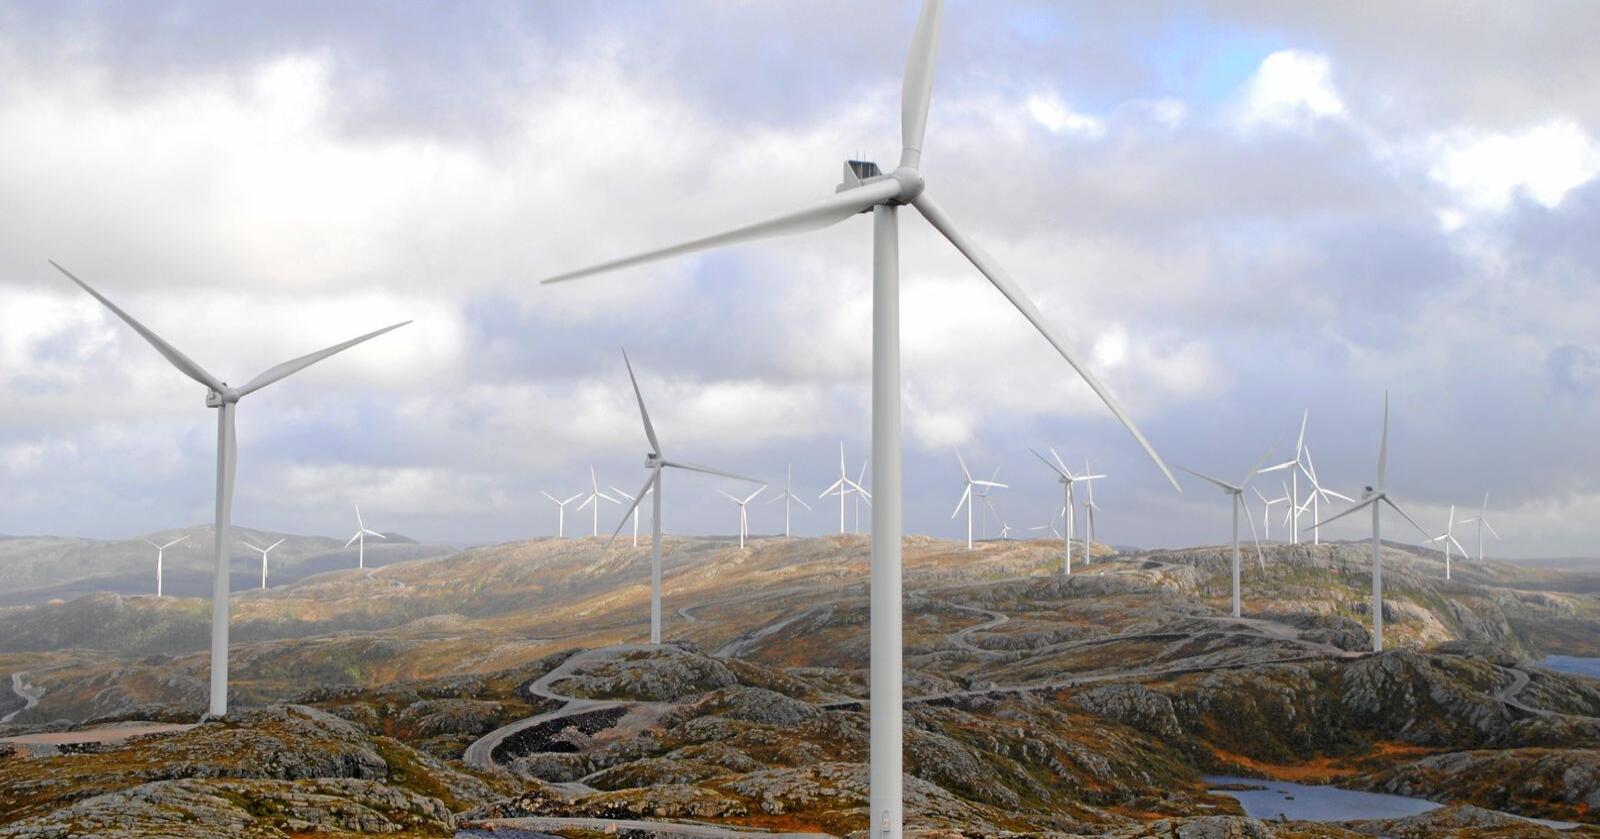 Det er knyttet spenning til hvorvidt vindkraftutbyggingen i Birkenes i Agder får utsette idriftsettelse utover 2021. Illustrasjonsfoto: Lars Bilit Hagen